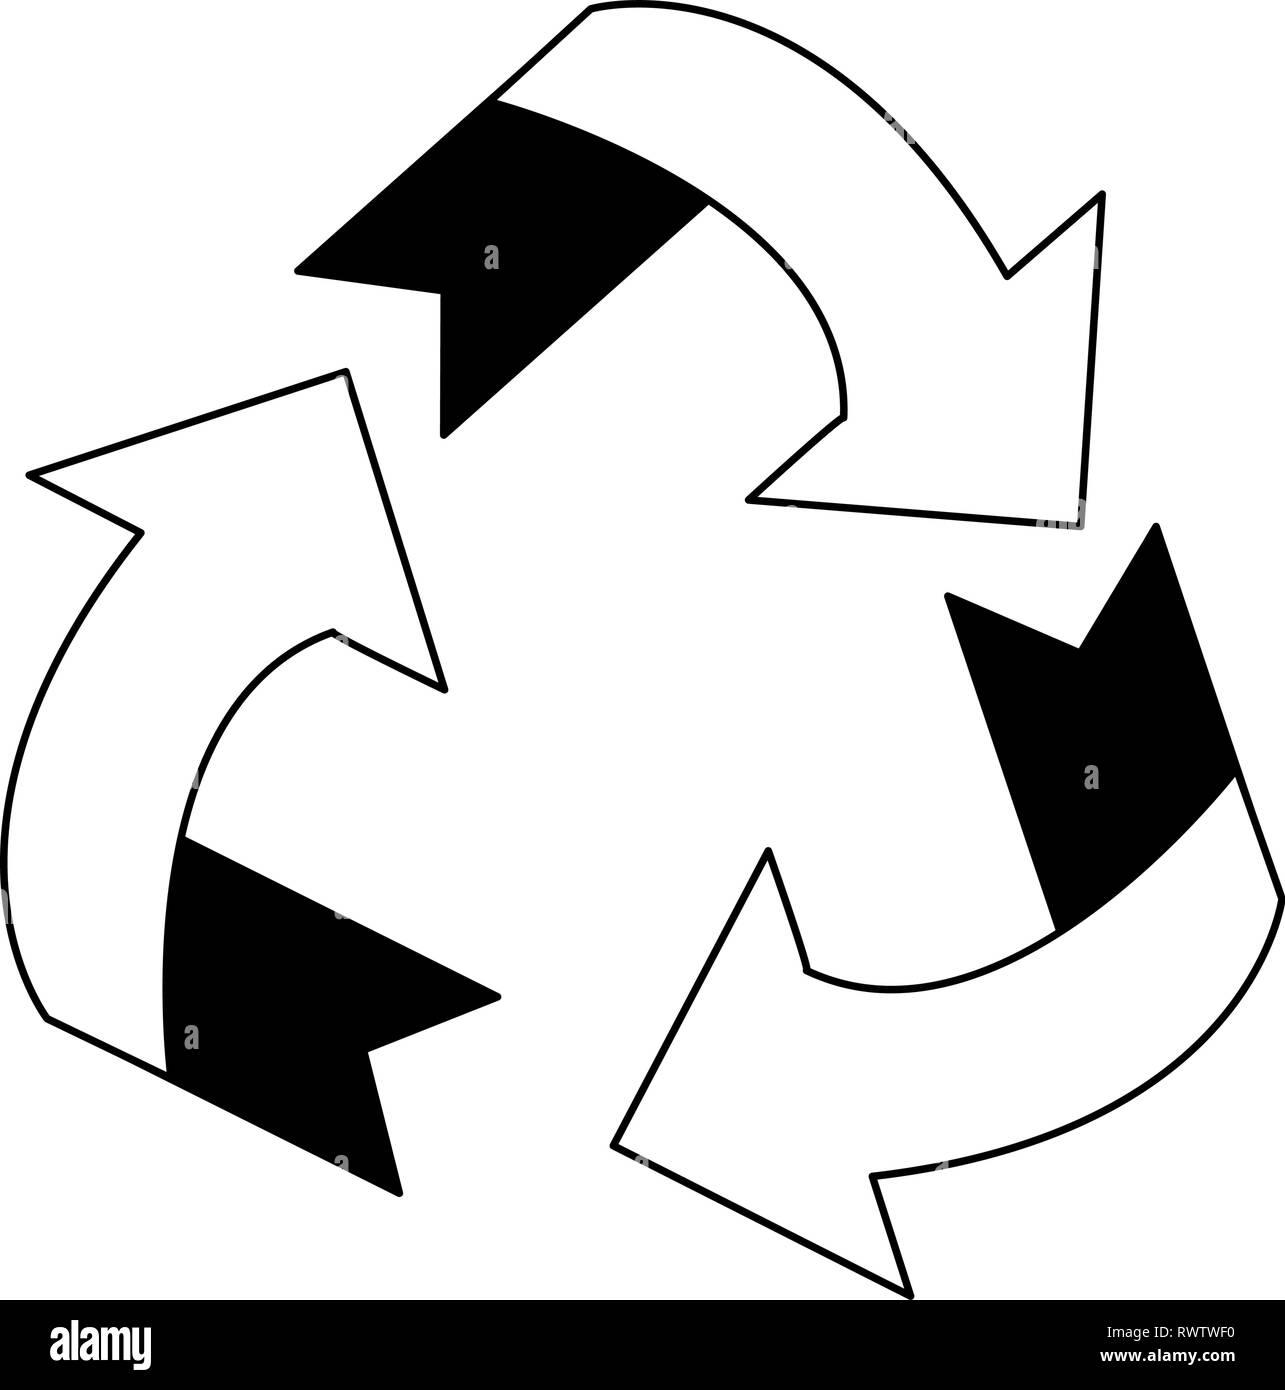 Riciclare ridurre riutilizzare simbolo in bianco e nero Immagini Stock